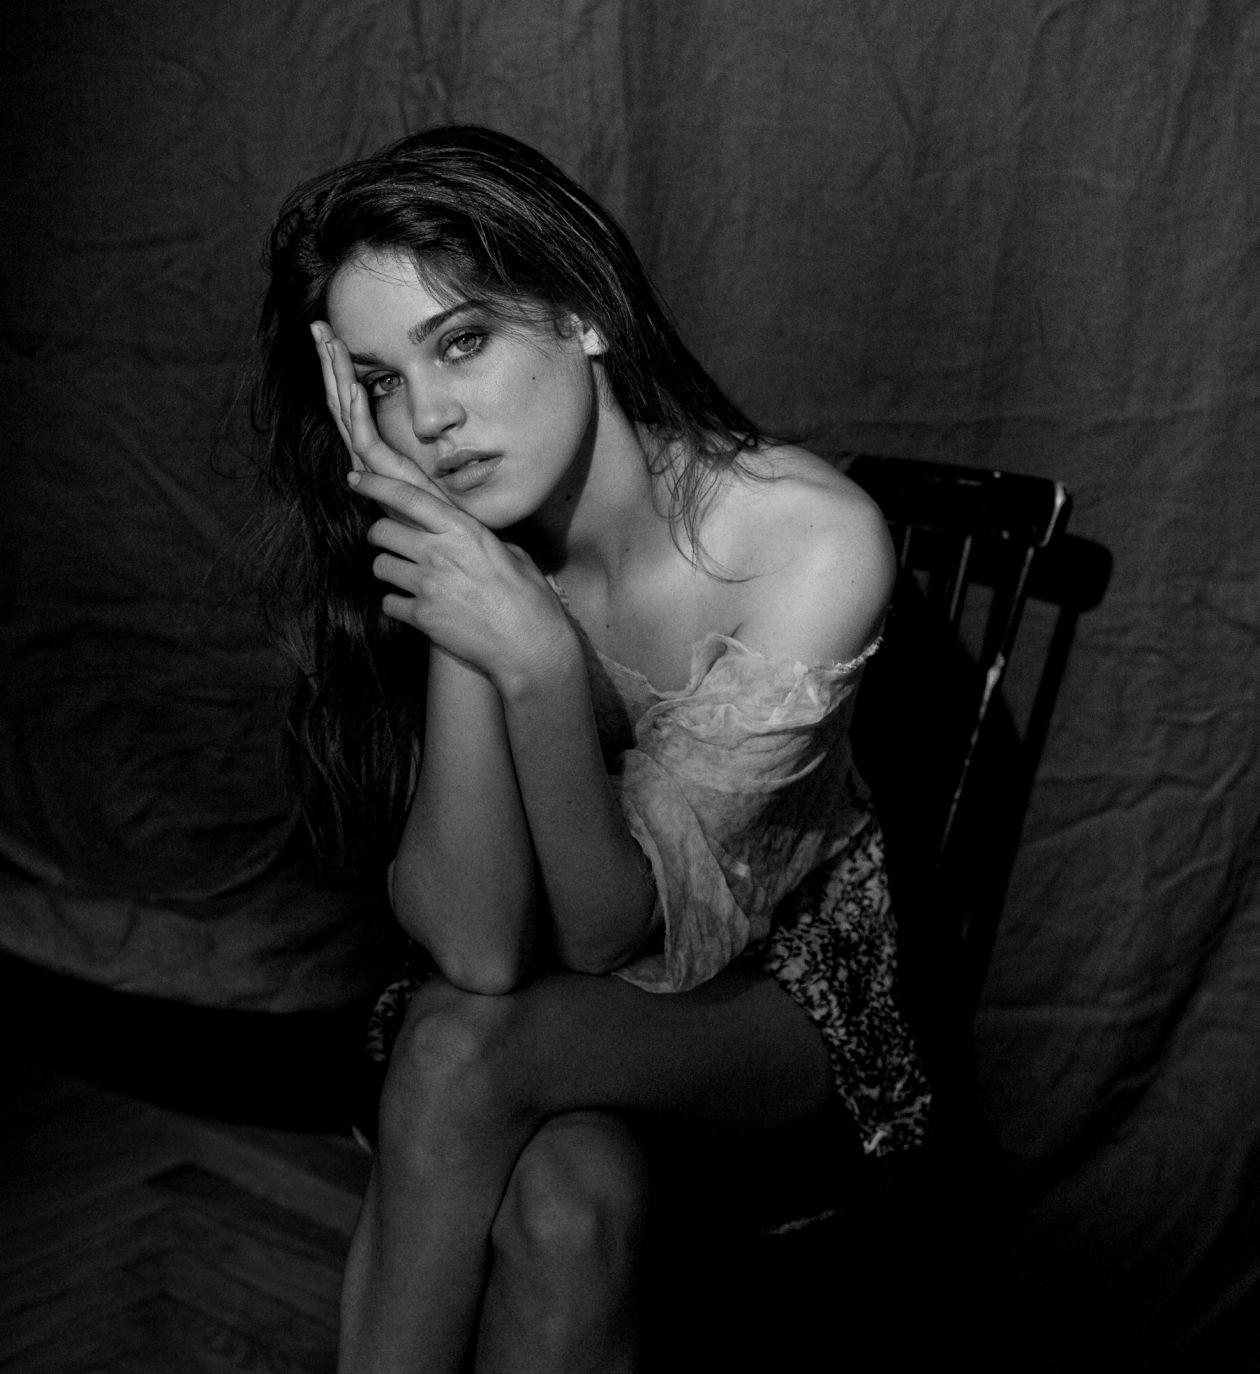 Matilda Anna Ingrid Lutz actress / Photo by Luigi Miano